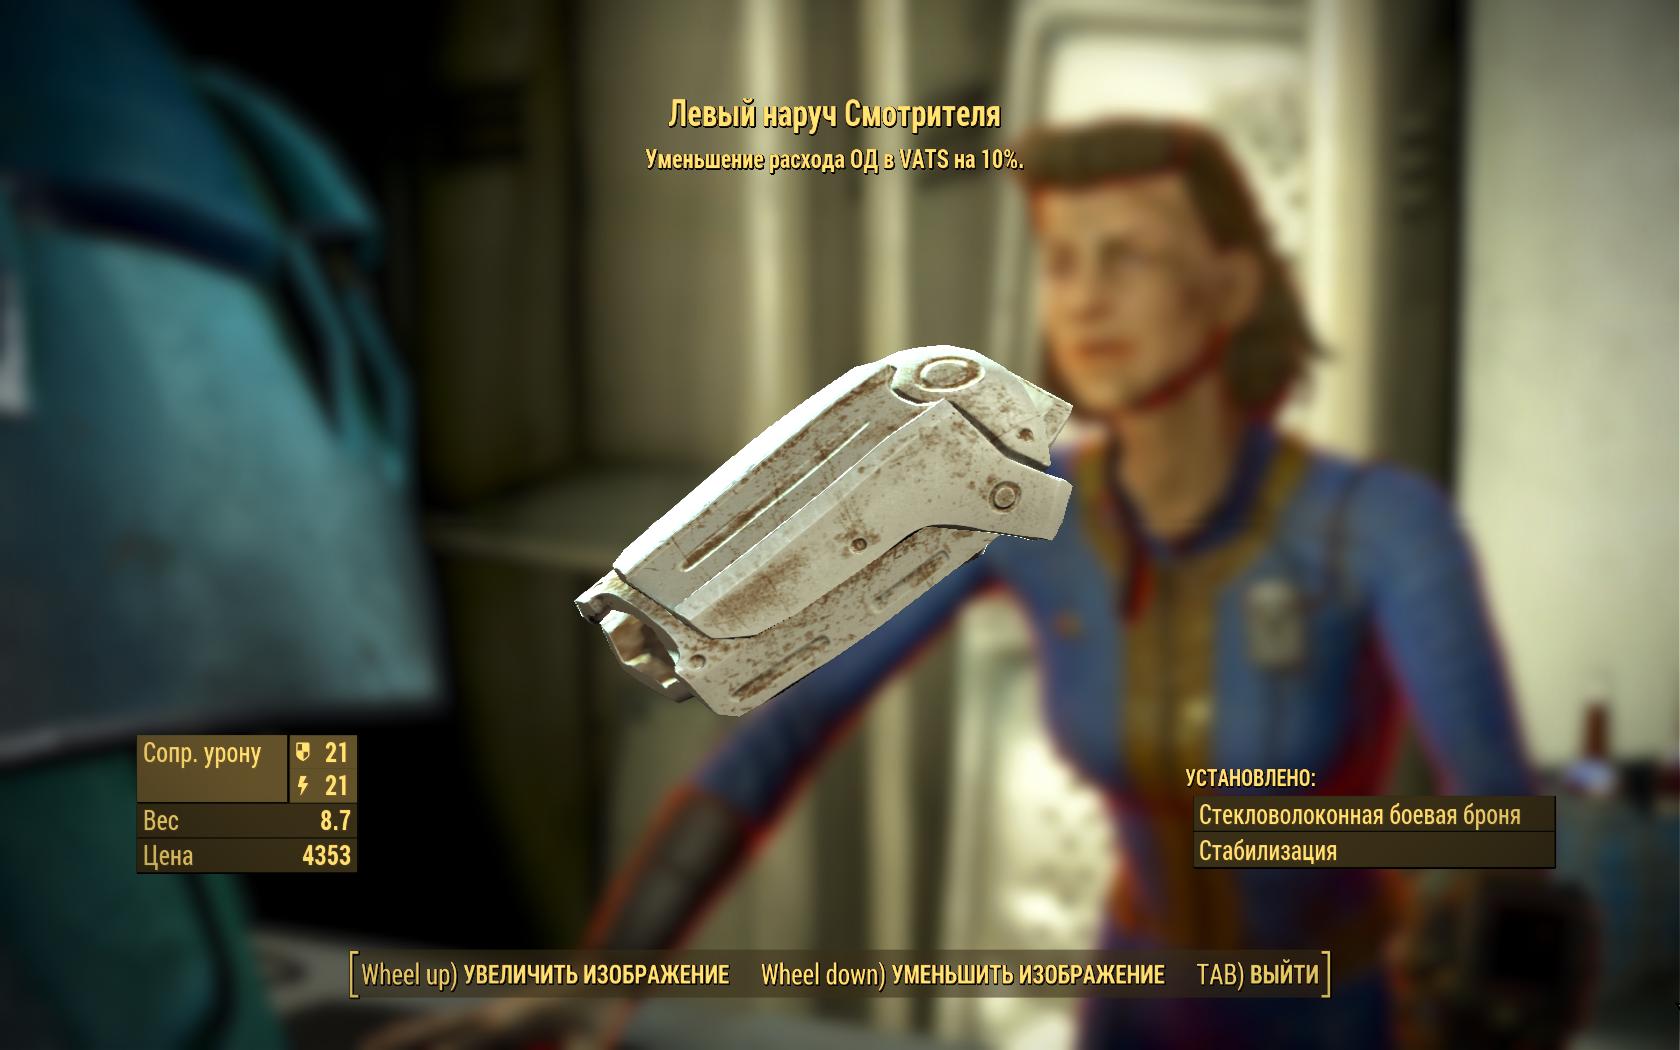 Левый наруч Смотрителя (Убежище 81, куплено у Алексис Комбс) - Fallout 4 Алексис, Комбс, Левый, наруч, Одежда, Смотрителя, Убежище